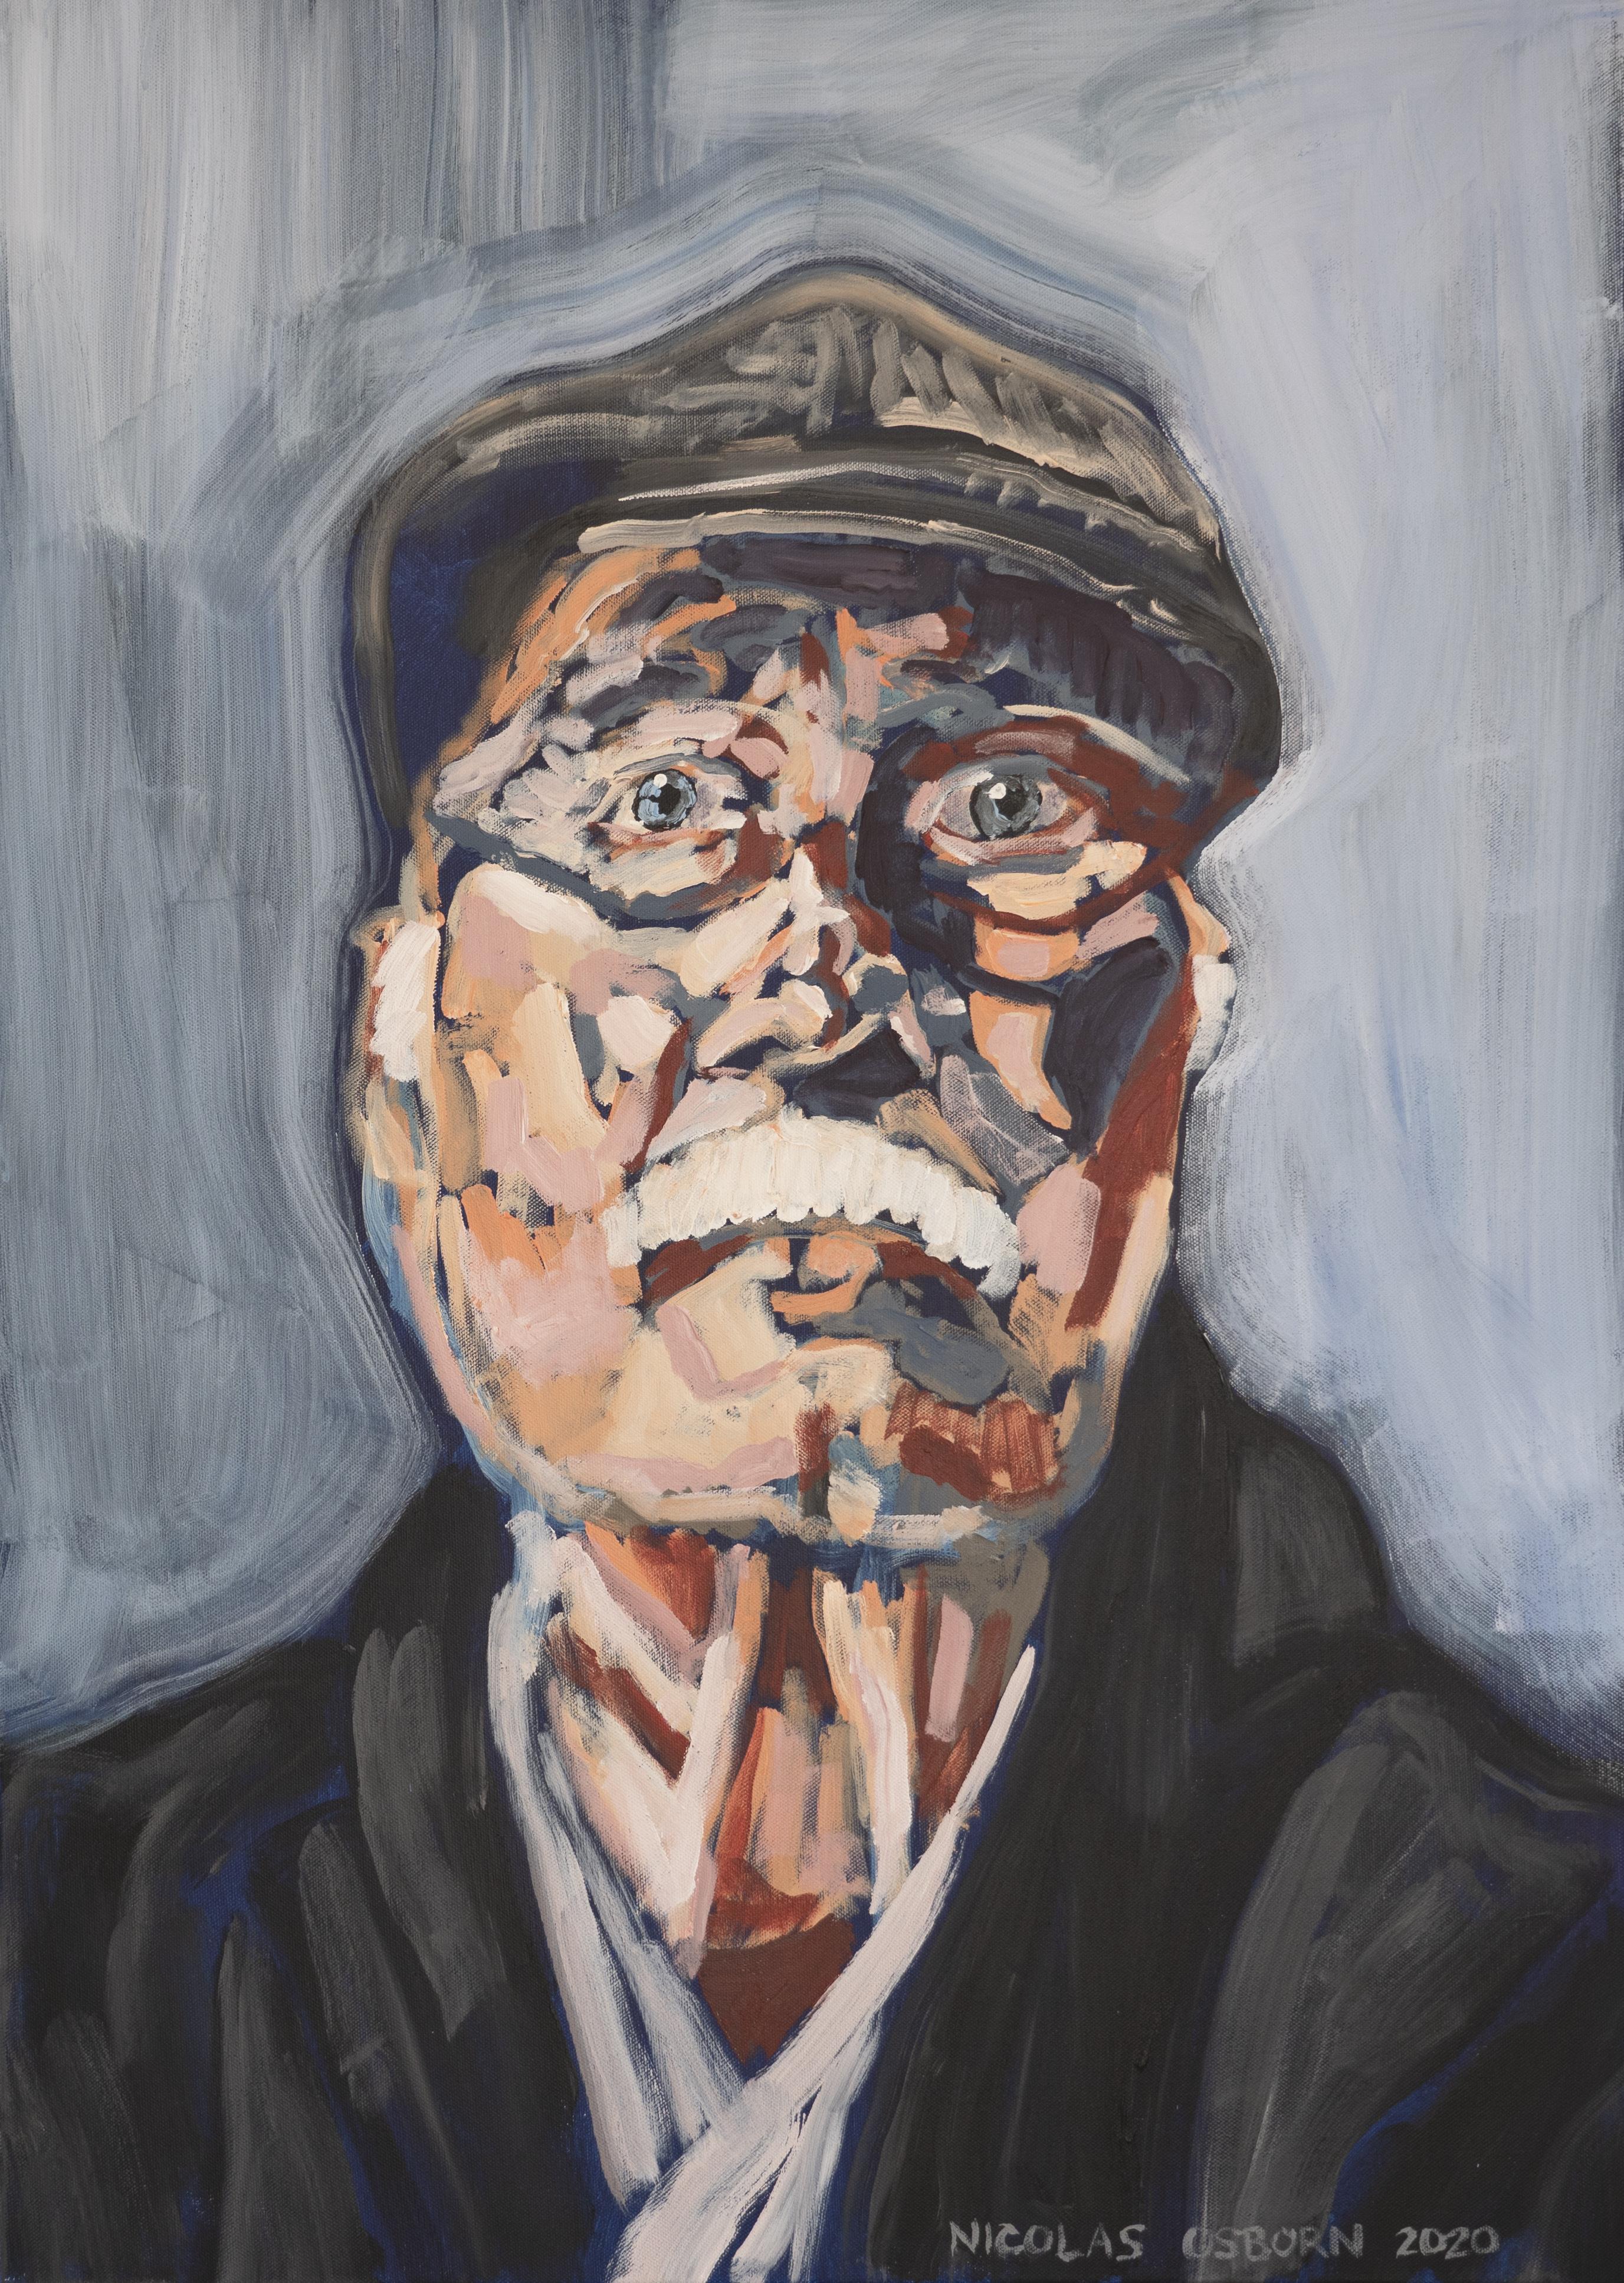 Homme sur Fond Gris Painting Nicolas Osborn